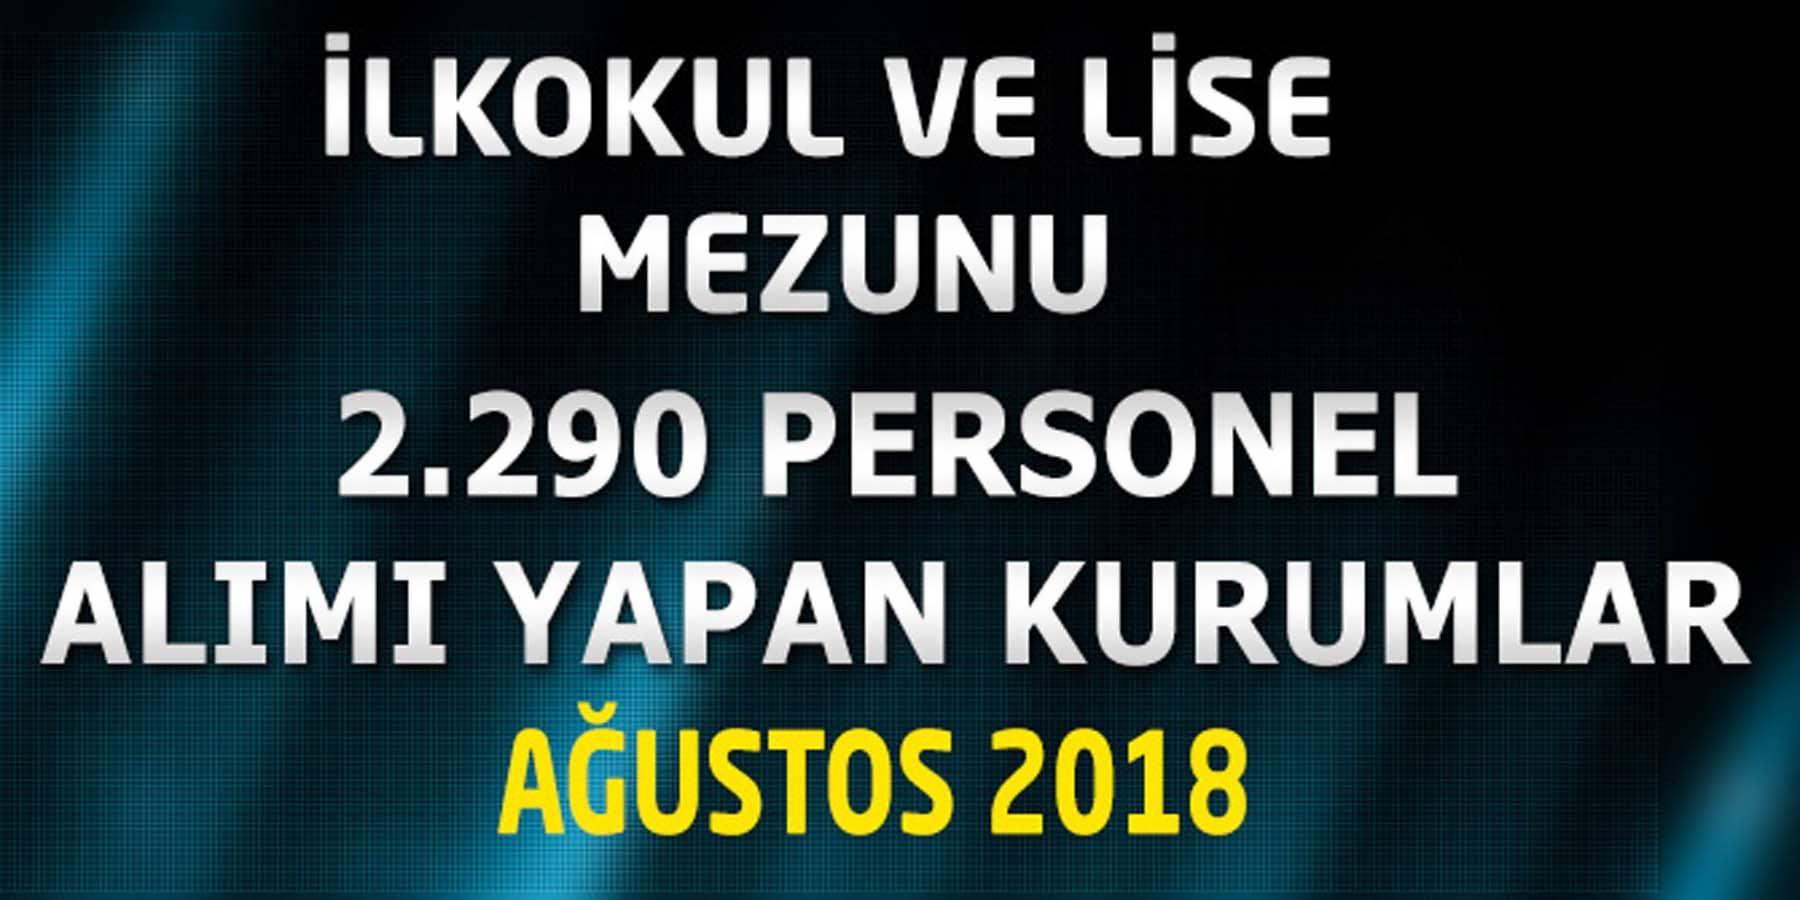 İlköğretim ve Lise Mezunu 2290 Personel Alımı Yapan Kurumlar Ağustos 2018